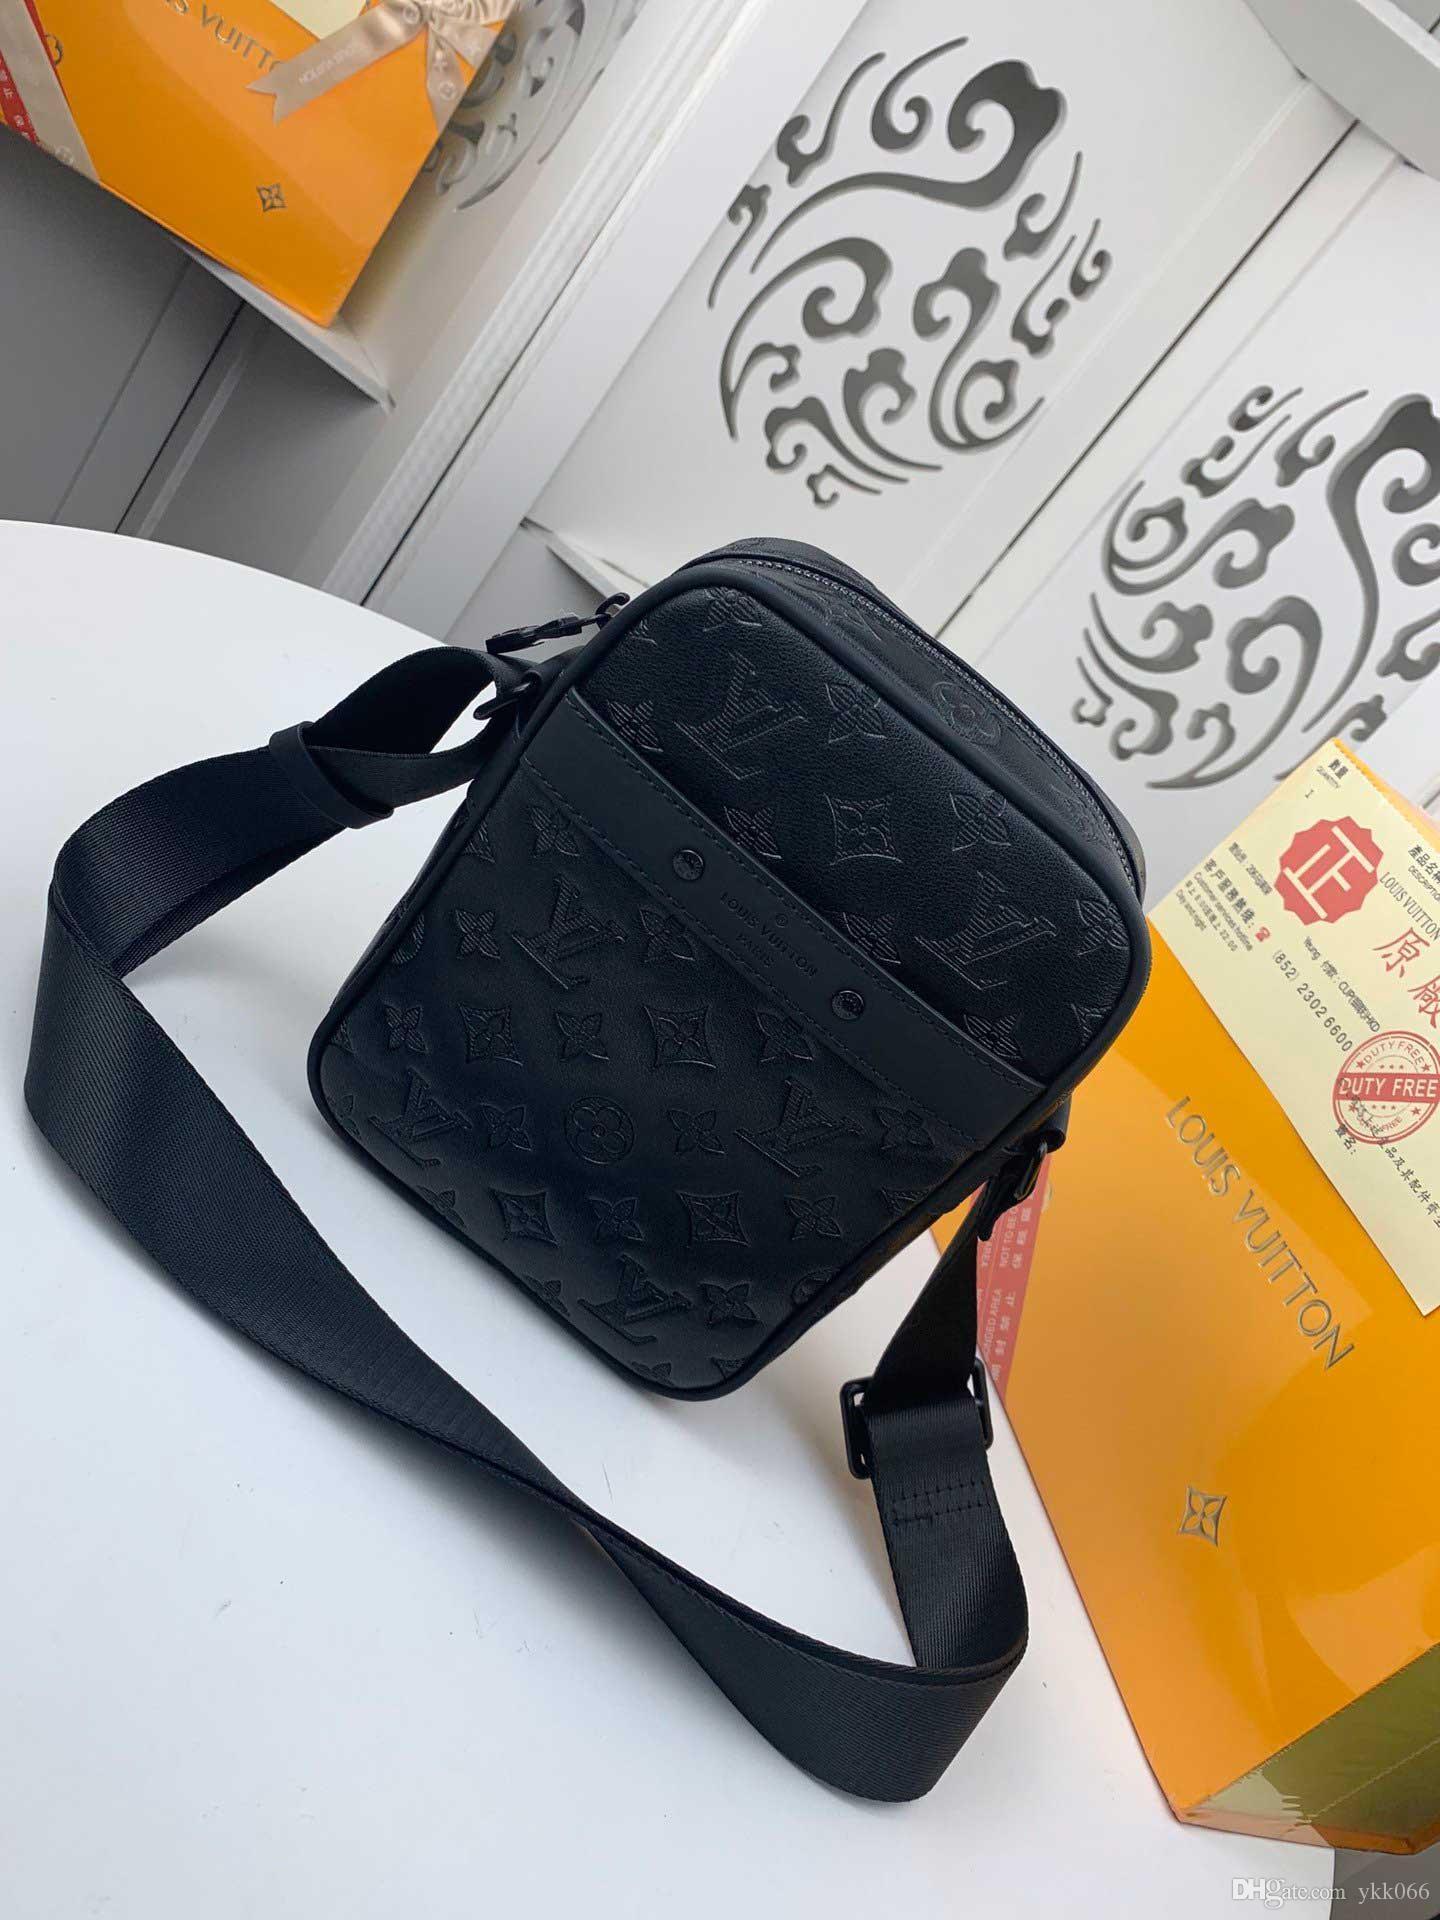 2020 latest sacs de mode, les hommes et les femmes sacs en bandoulière, sacs à main, sacs à dos, sacs crossbody, Sac de taille 022